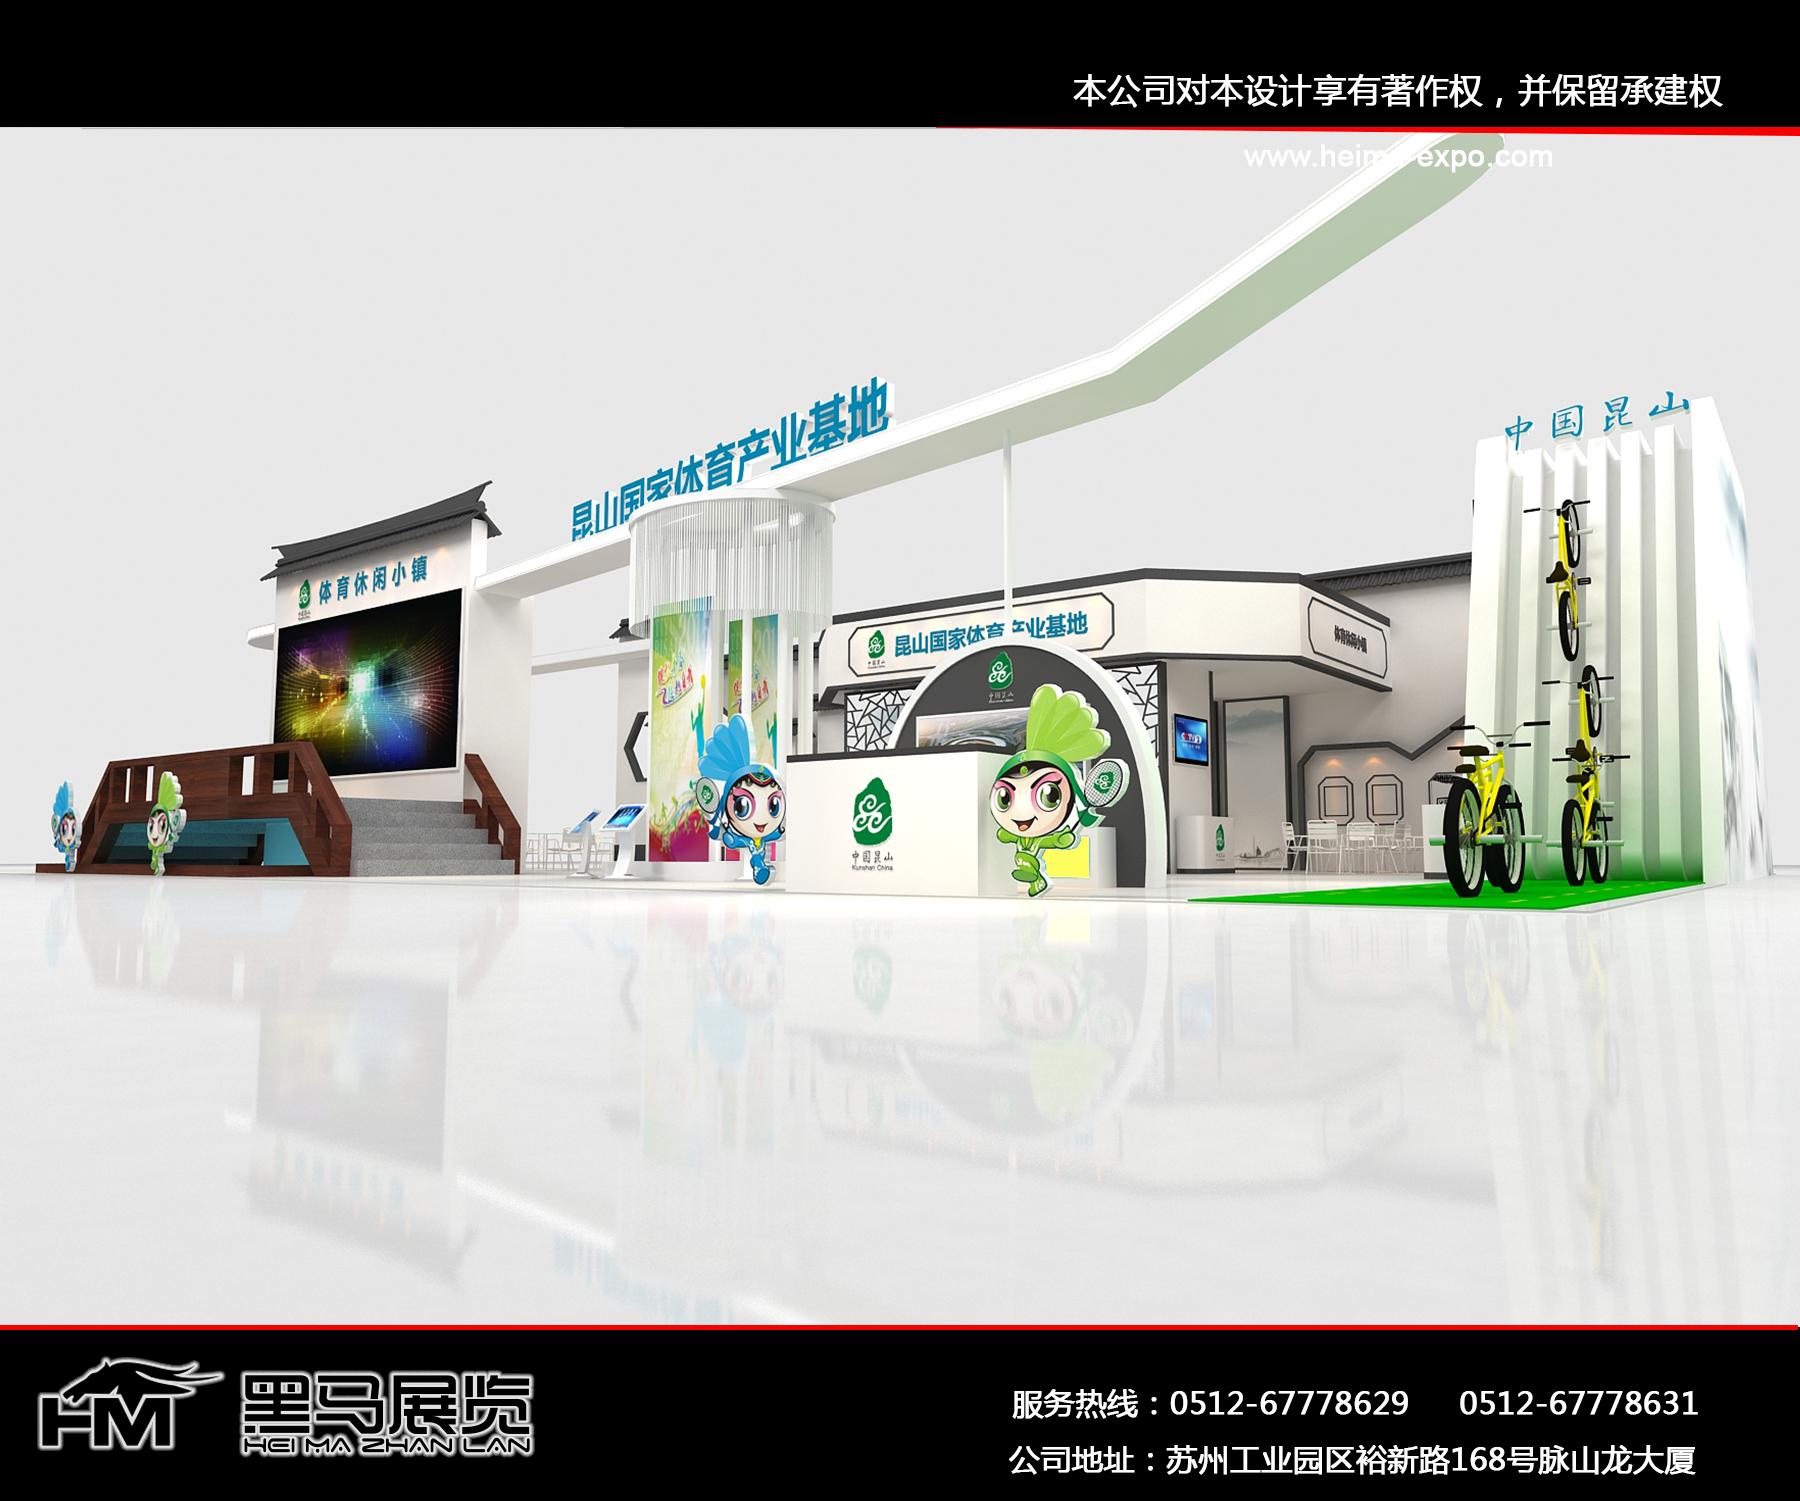 杭州黑马展览搭建黑马展览木结构展台木结构桁架展台搭建